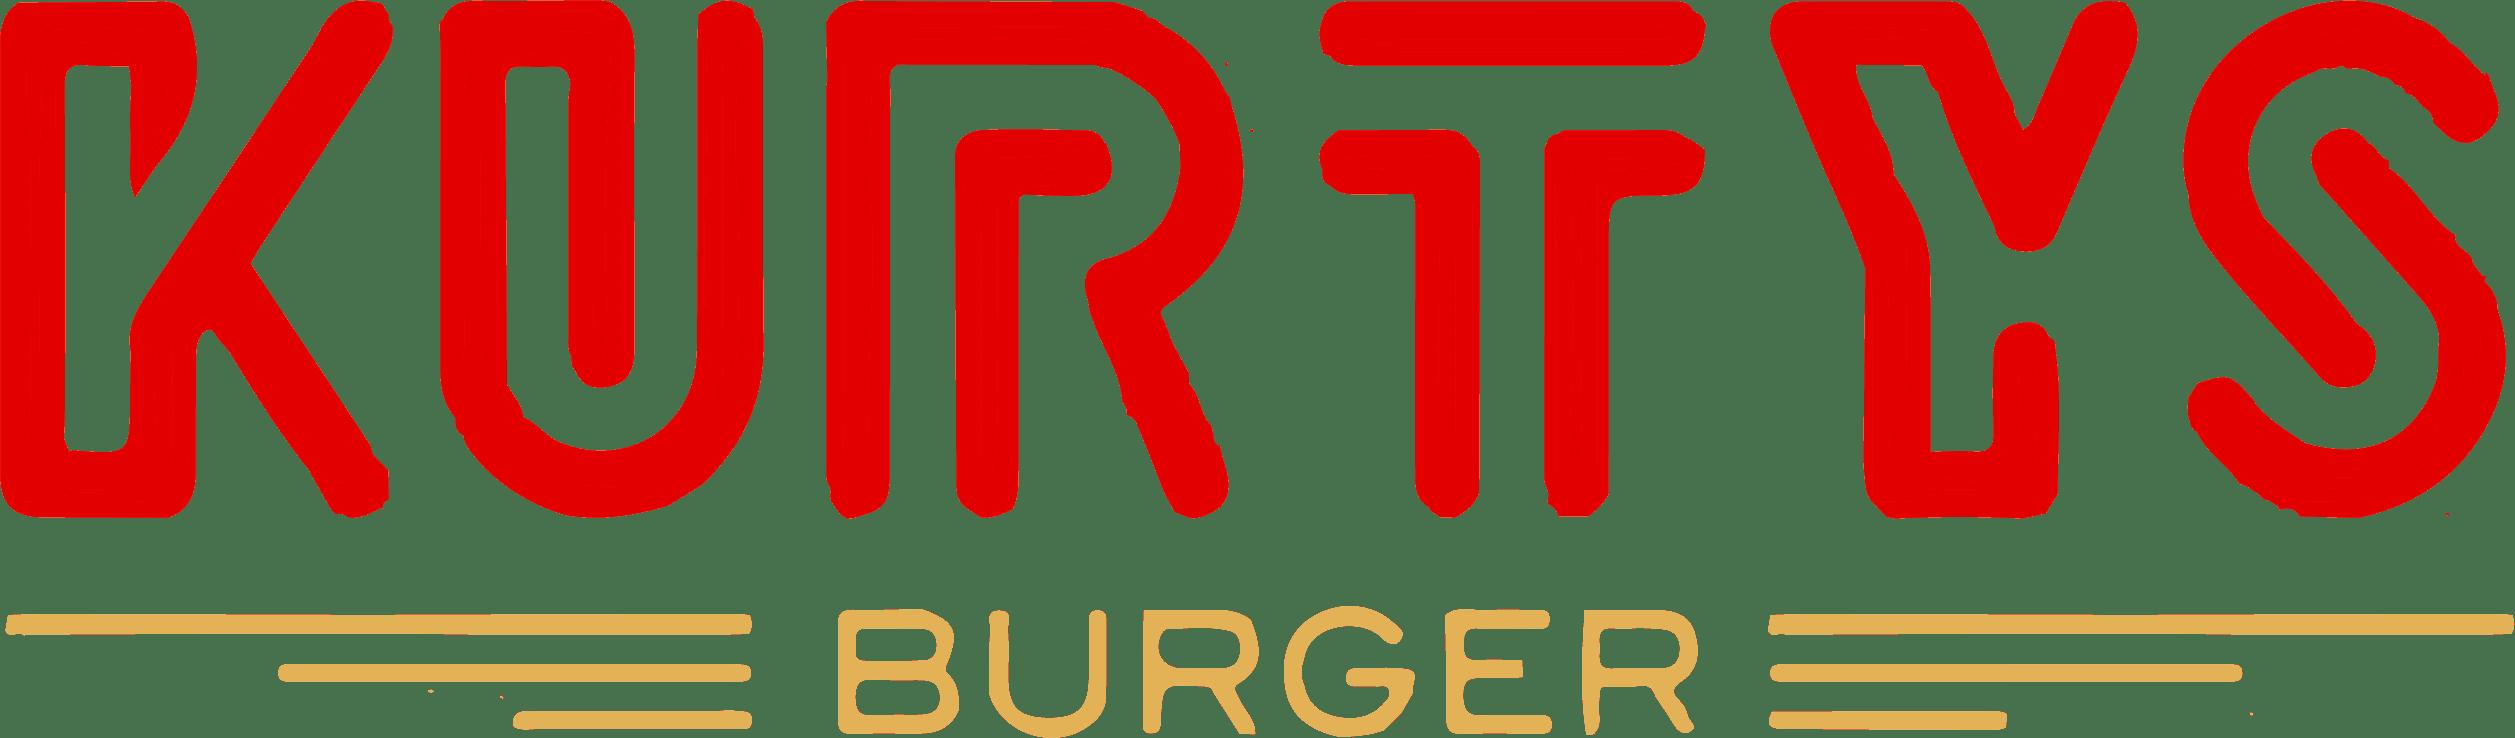 Kurtys Burger